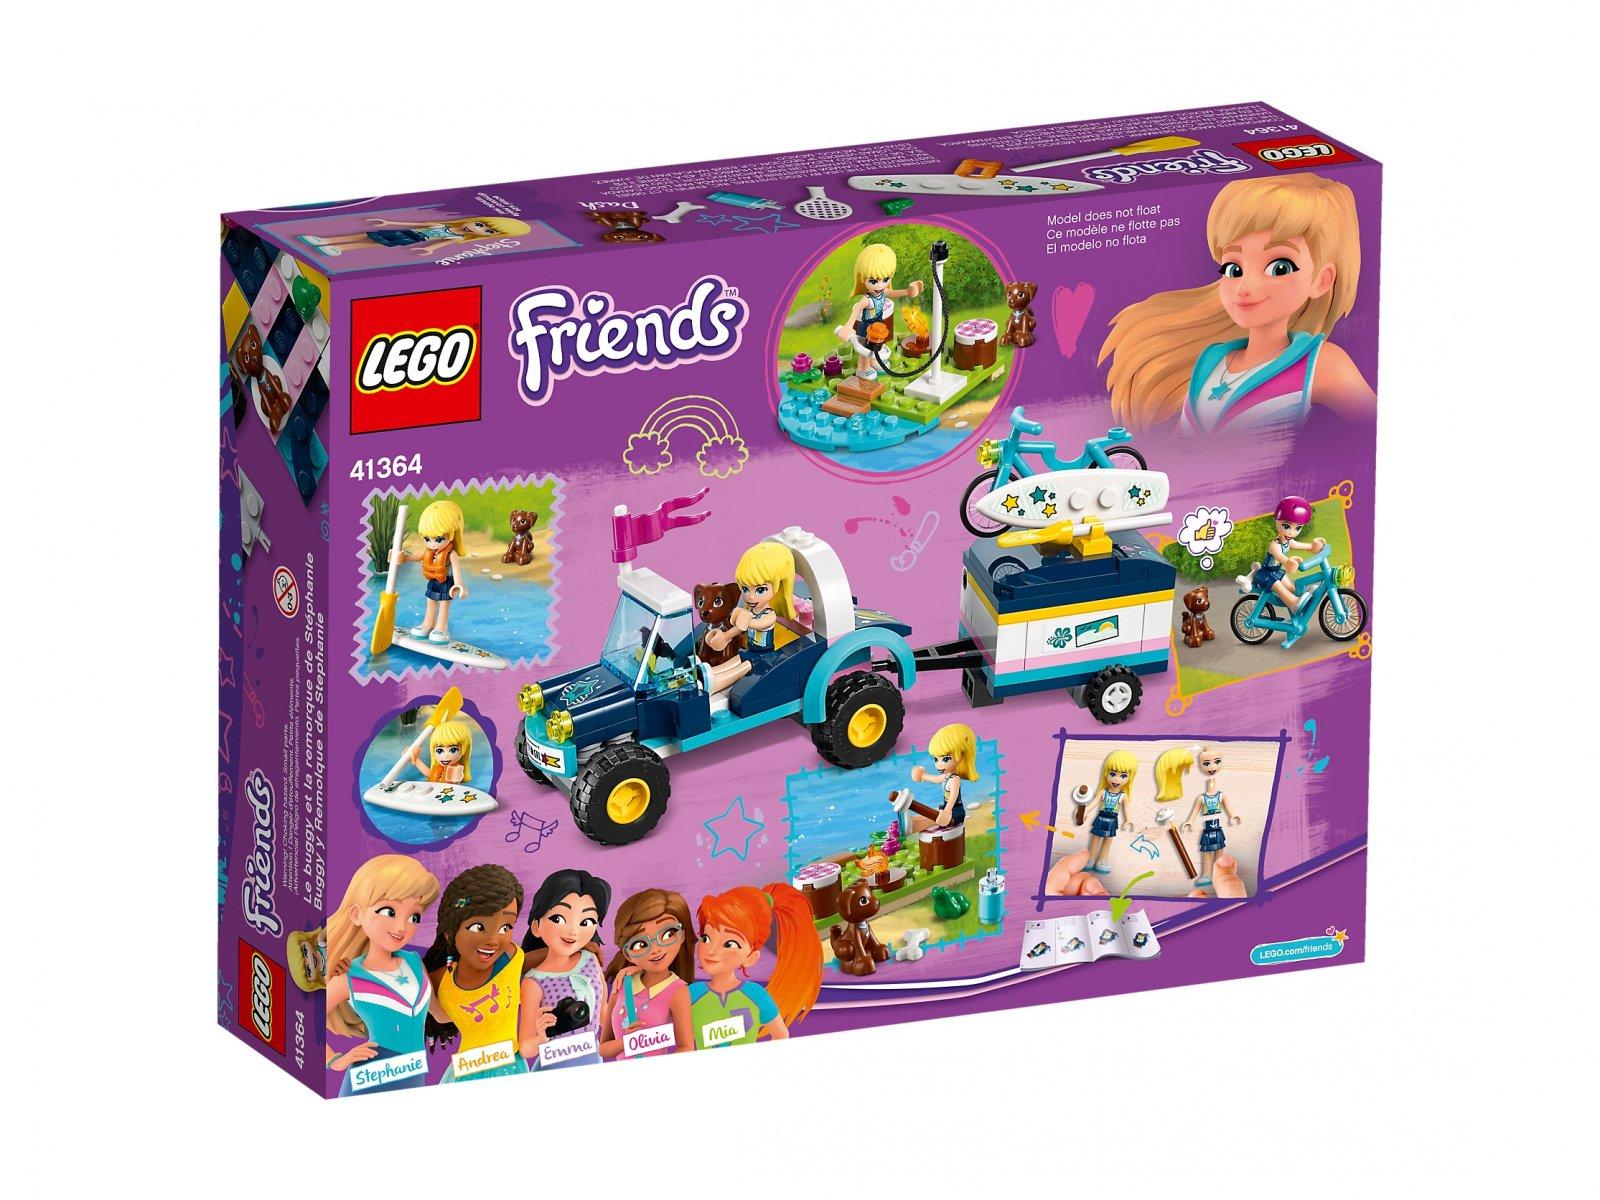 LEGO Friends Łazik z przyczepką Stephanie